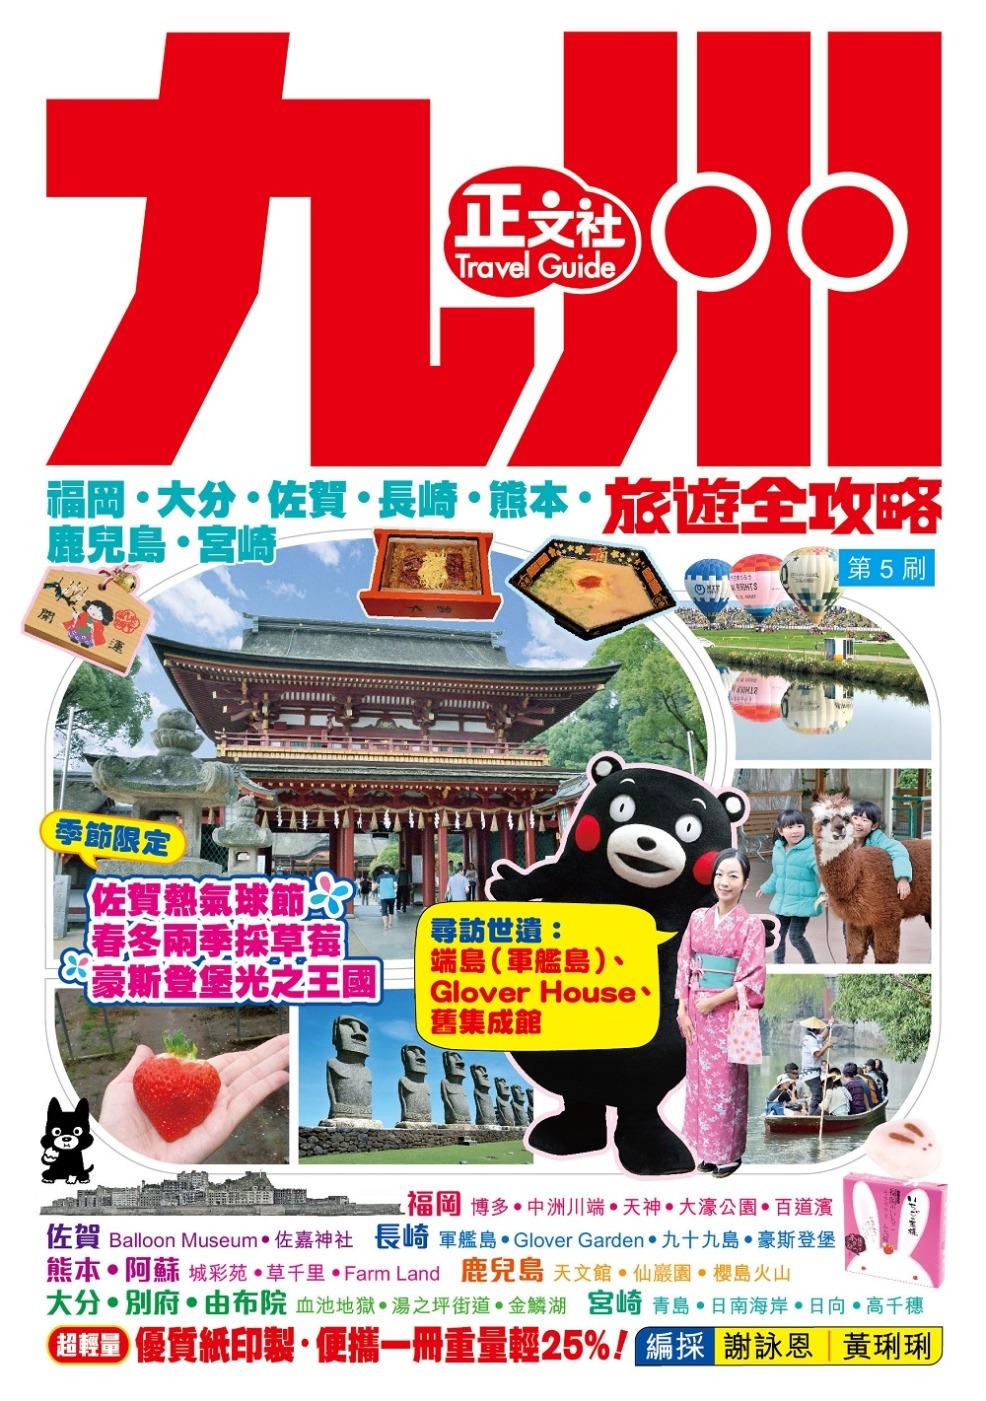 九州旅遊全攻略2019-20年版(第 5 刷)